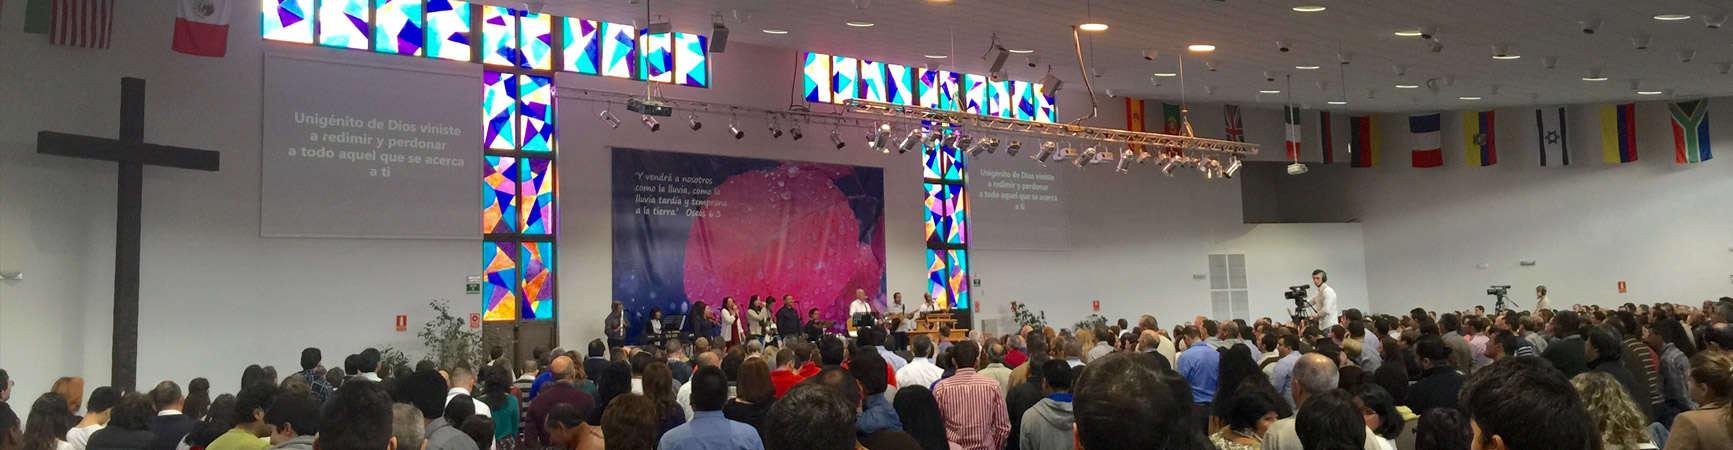 Iglesia Betel Madrid